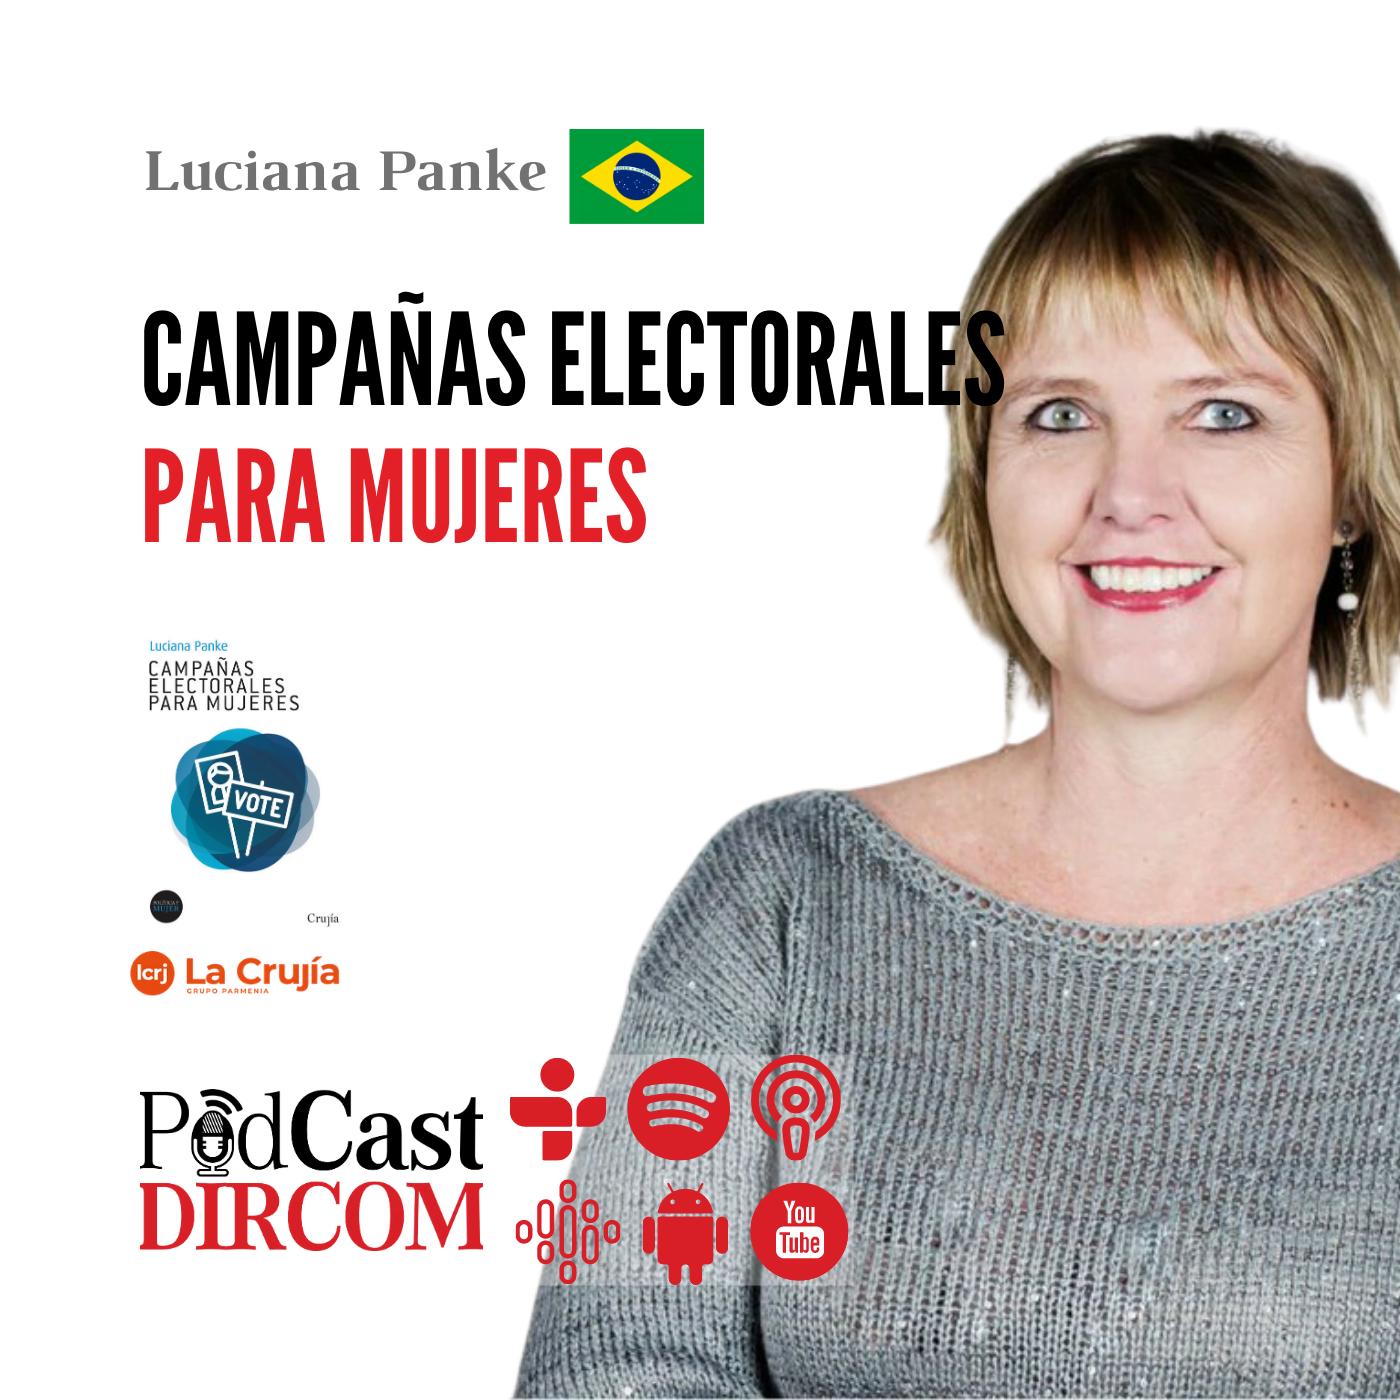 Campañas Electorales para Mujeres